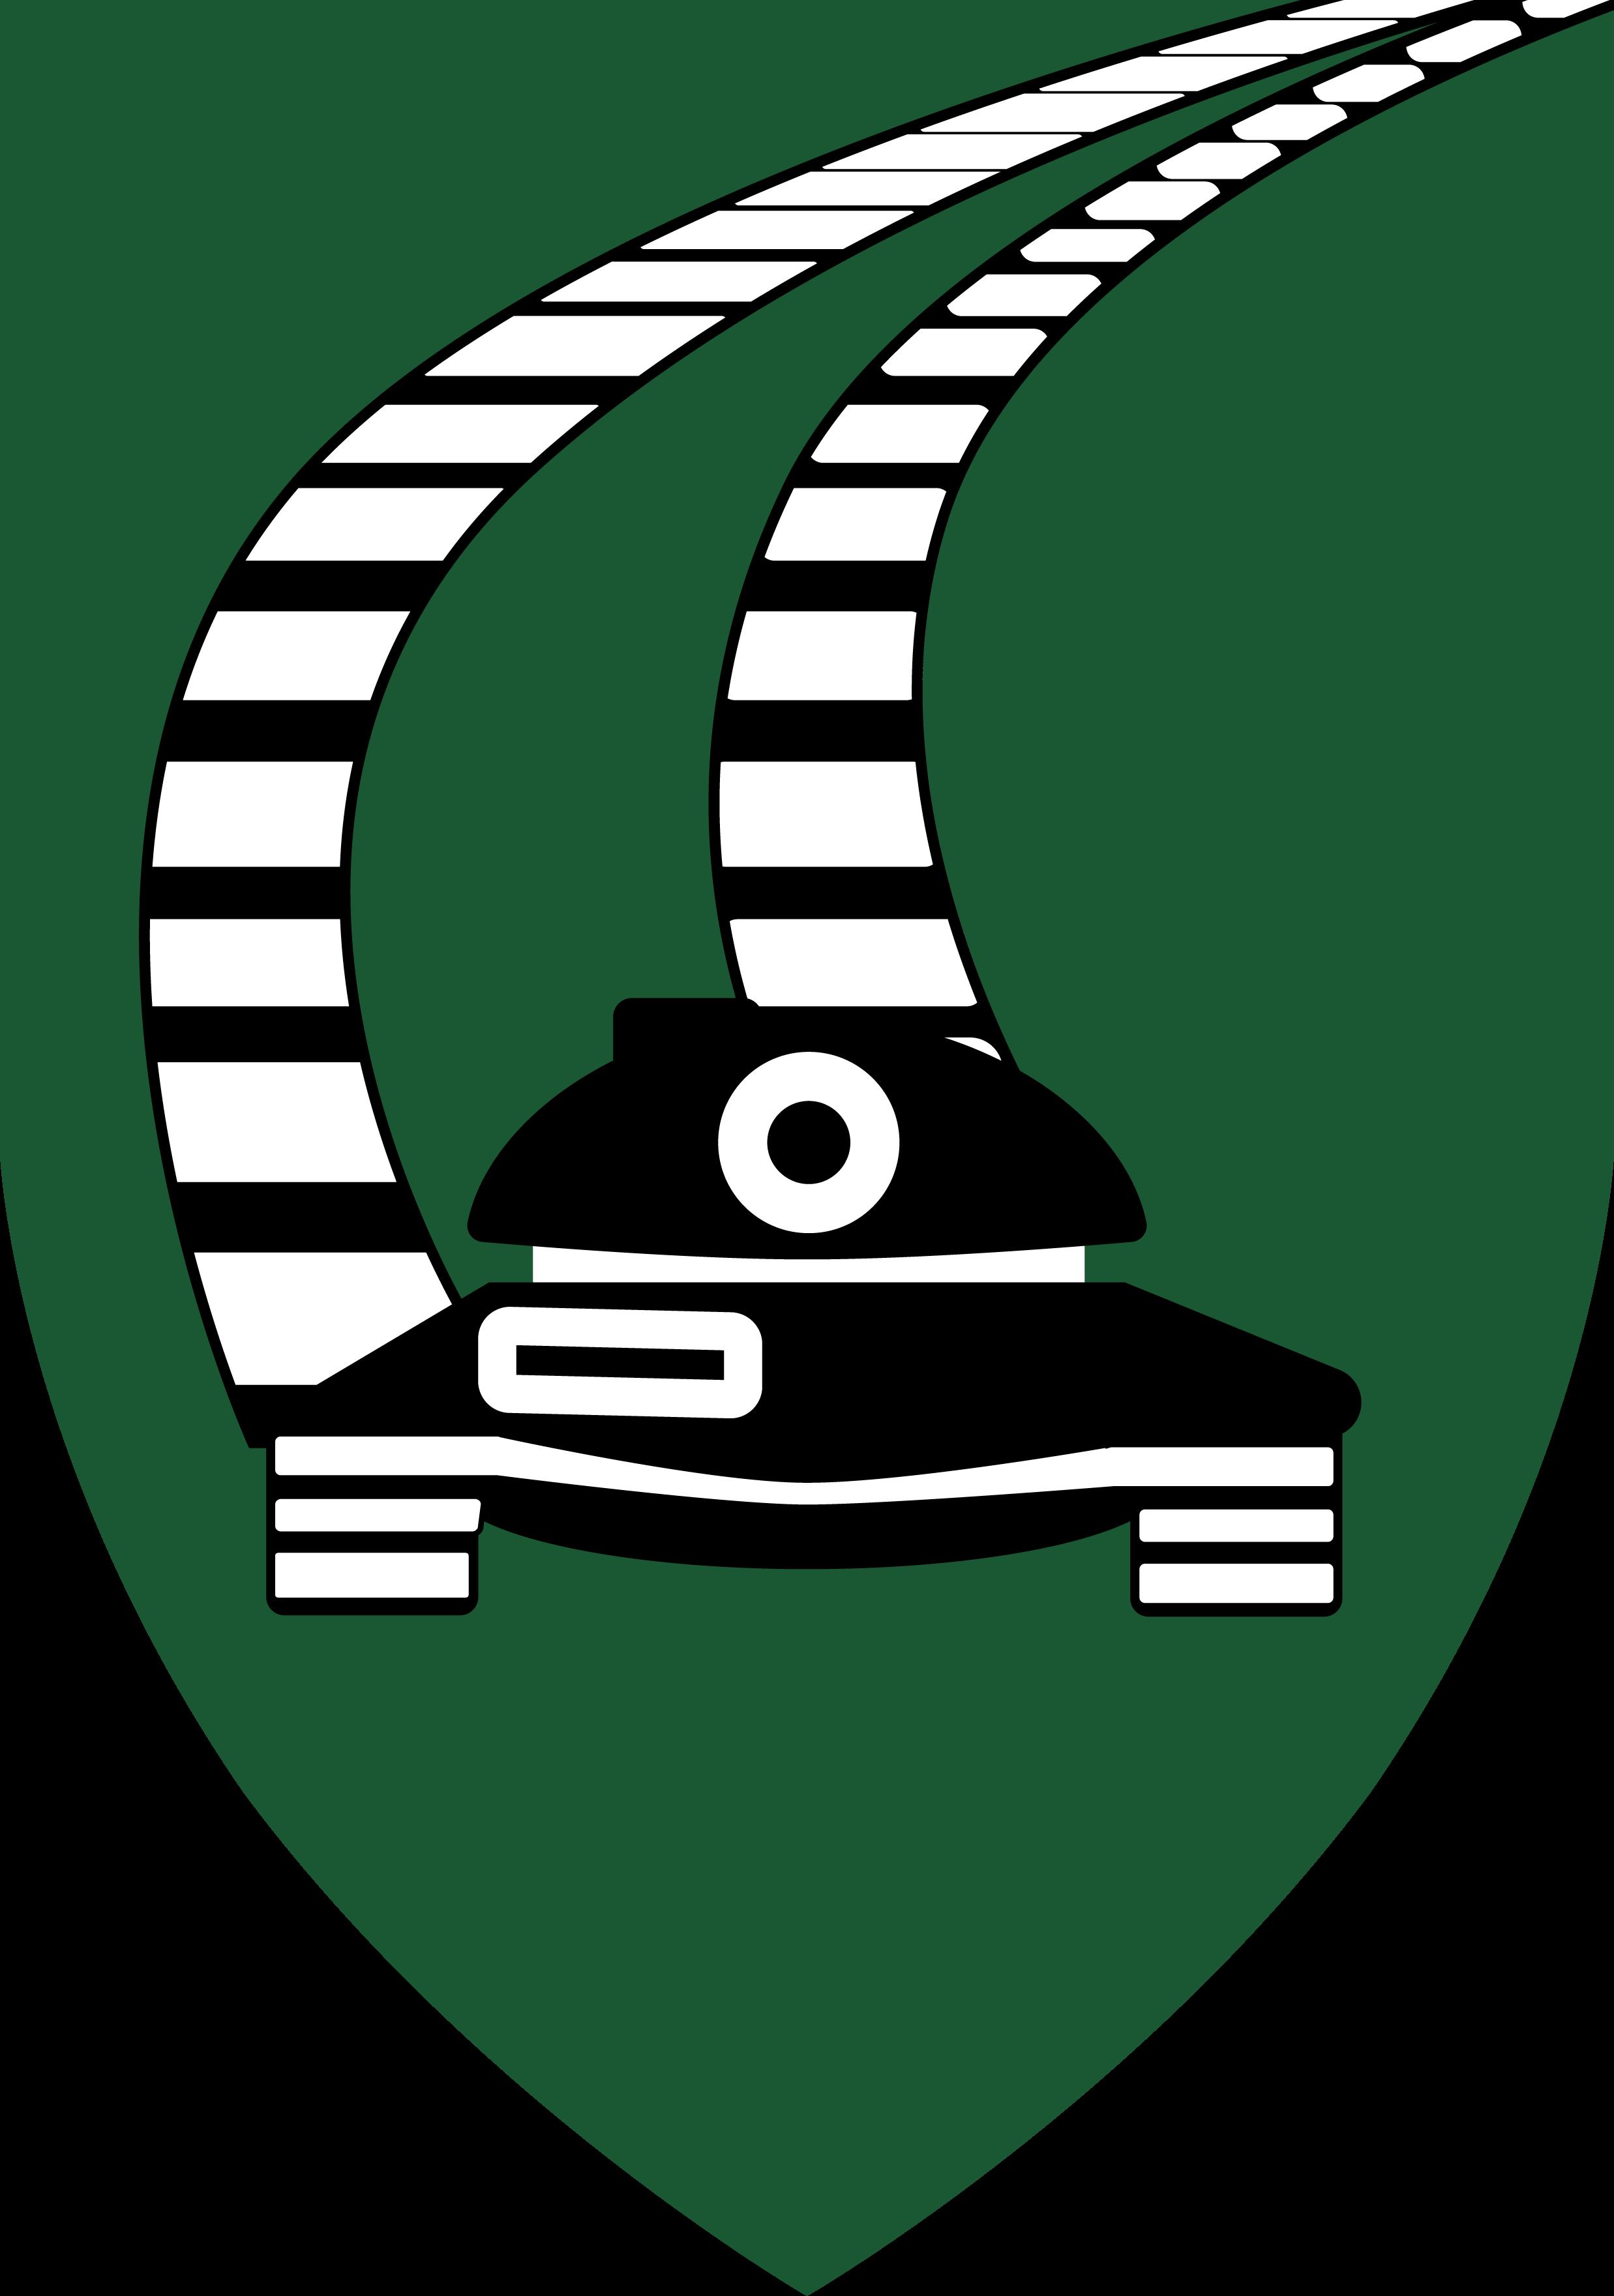 חטיבה 820 לביא